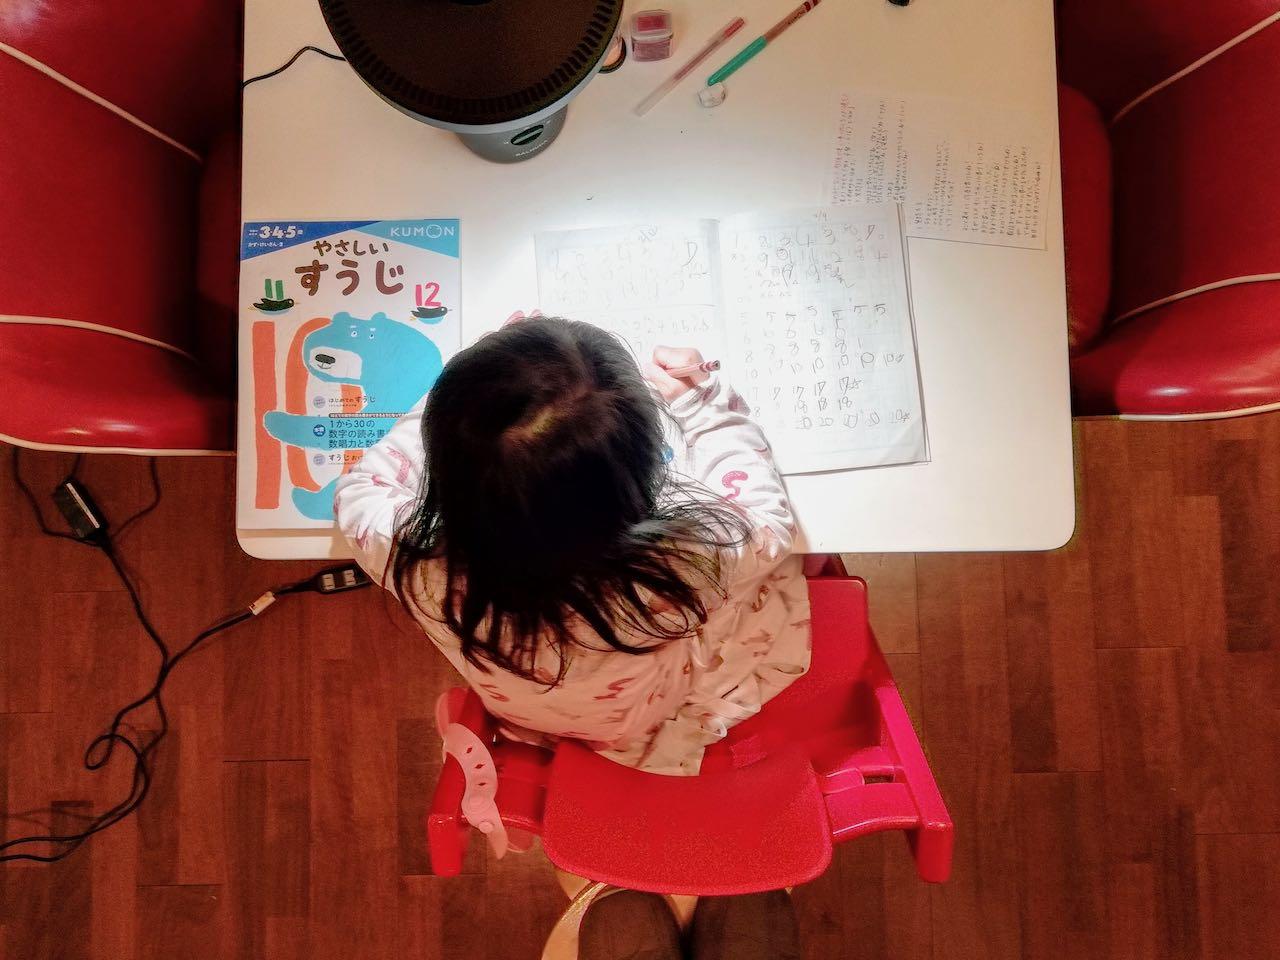 【自宅学習失敗談】幼児(3歳)に数字を書く練習させたら勉強が嫌いになった